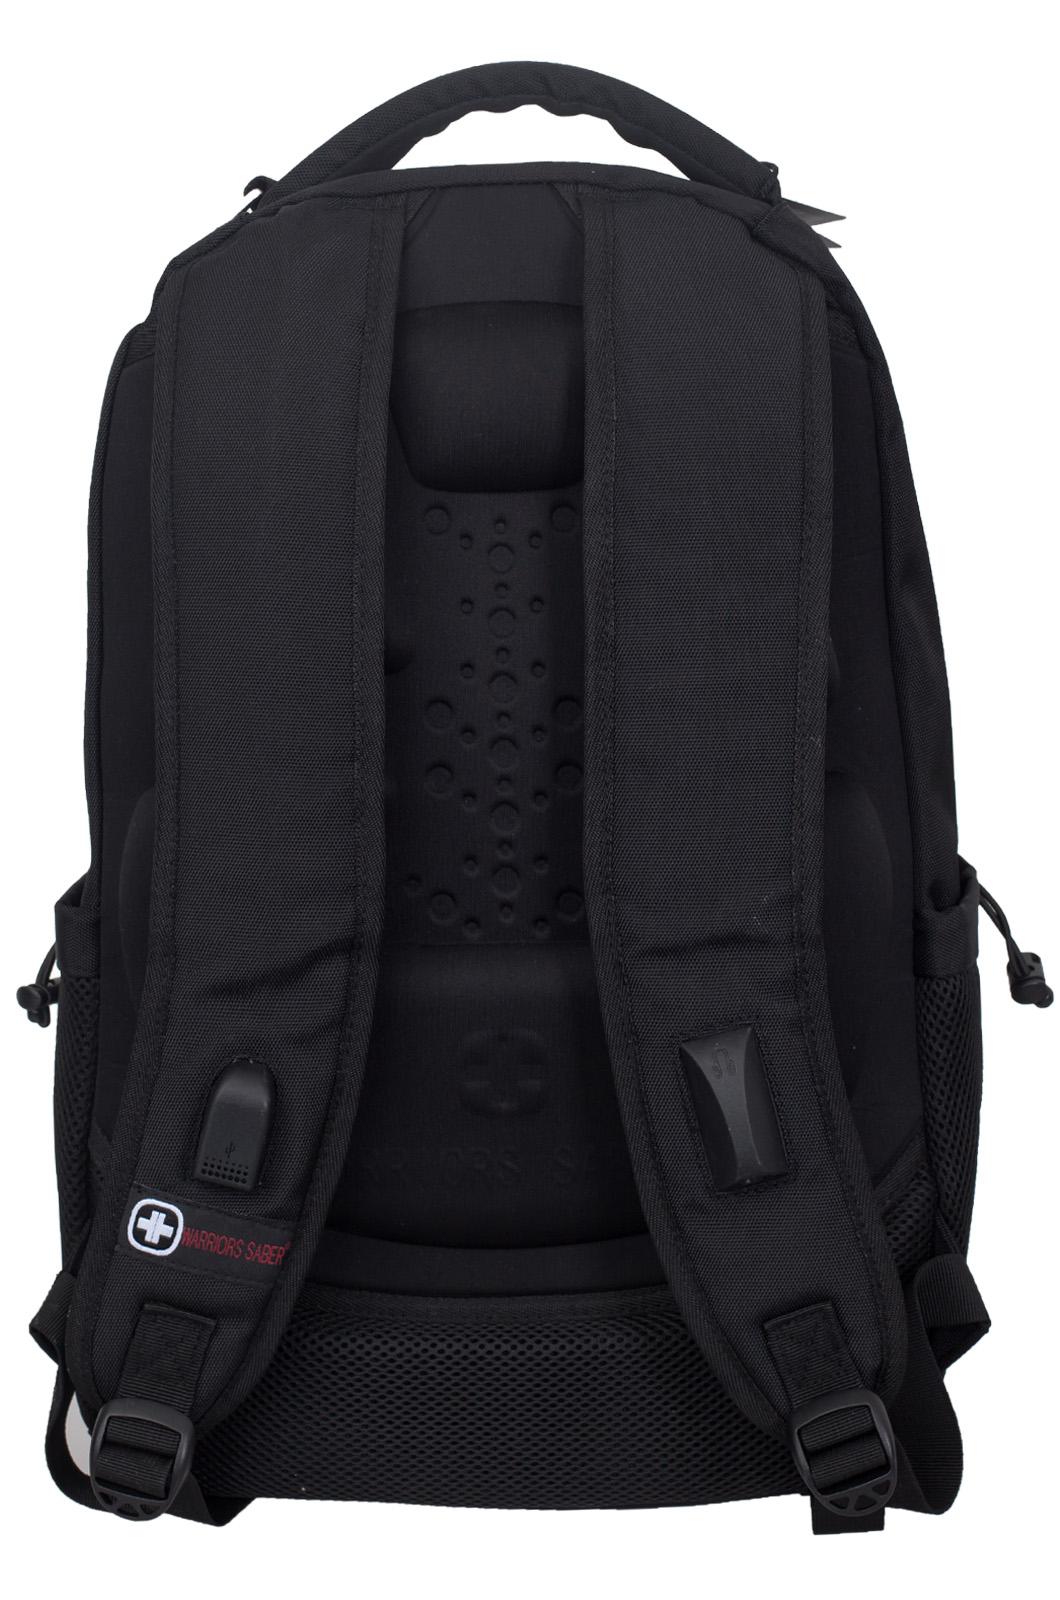 Универсальный черный рюкзак с военной нашивкой РВСН - заказать с доставкой